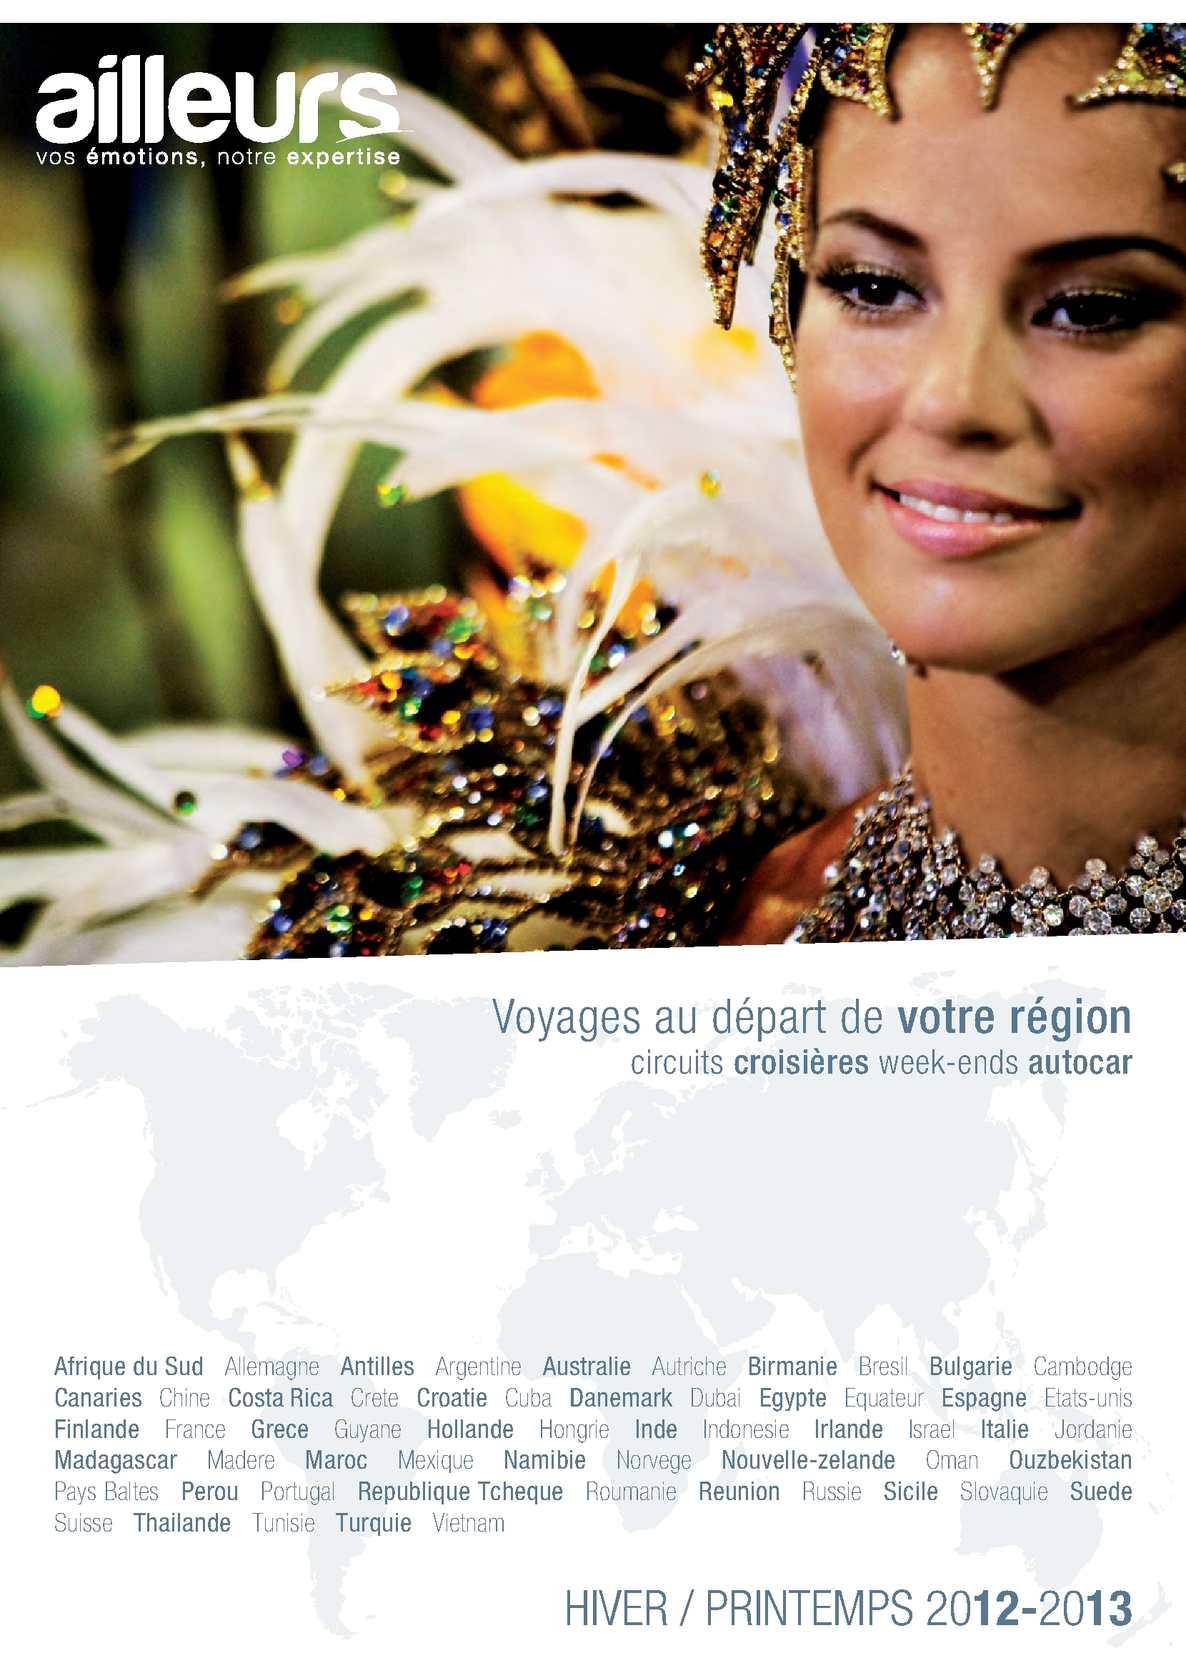 Calaméo - Ailleurs - Voyages au départ de votre région - Hiver Printemps  2012 2013 cdc89b8dc427